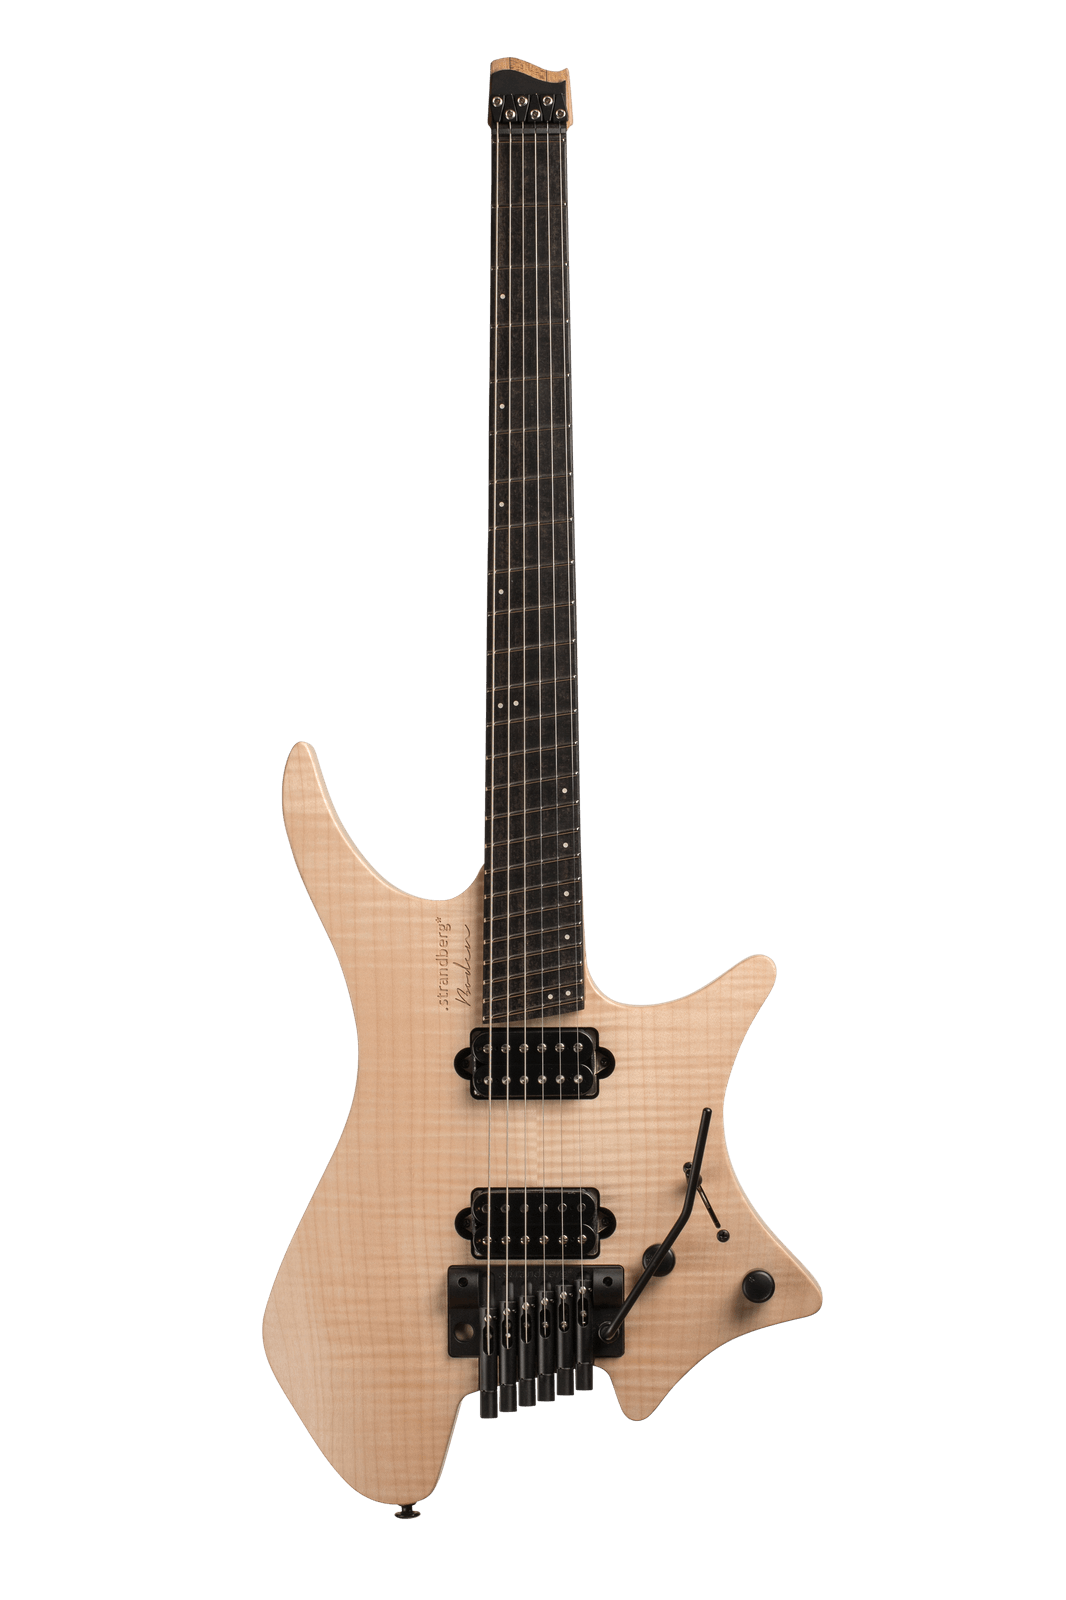 boden prog 6 natural strandberg guitars rest of world. Black Bedroom Furniture Sets. Home Design Ideas